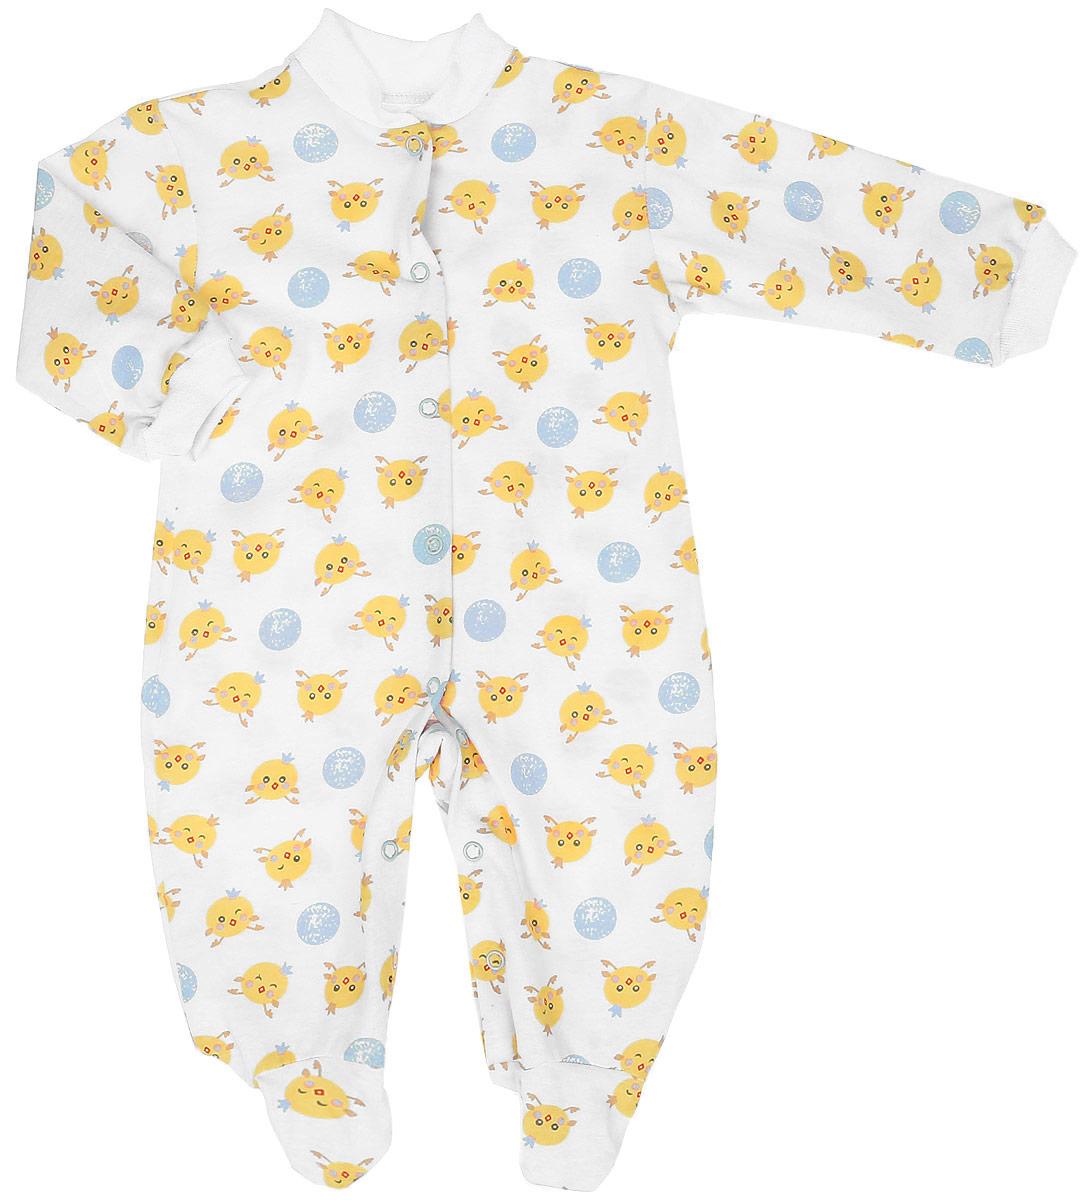 Комбинезон детский Чудесные одежки, цвет: белый, голубой. 5801. Размер 625801Удобный детский комбинезон Чудесные одежки выполнен из натурального хлопка.Комбинезон с небольшим воротником-стойкой, длинными рукавами и закрытыми ножками имеет застежки-кнопки спереди и на ластовице, которые помогают легко переодеть младенца или сменить подгузник. Воротничок и манжеты на рукавах выполнены из трикотажной эластичной резинки. Изделие оформлено принтом с изображением цыплят.